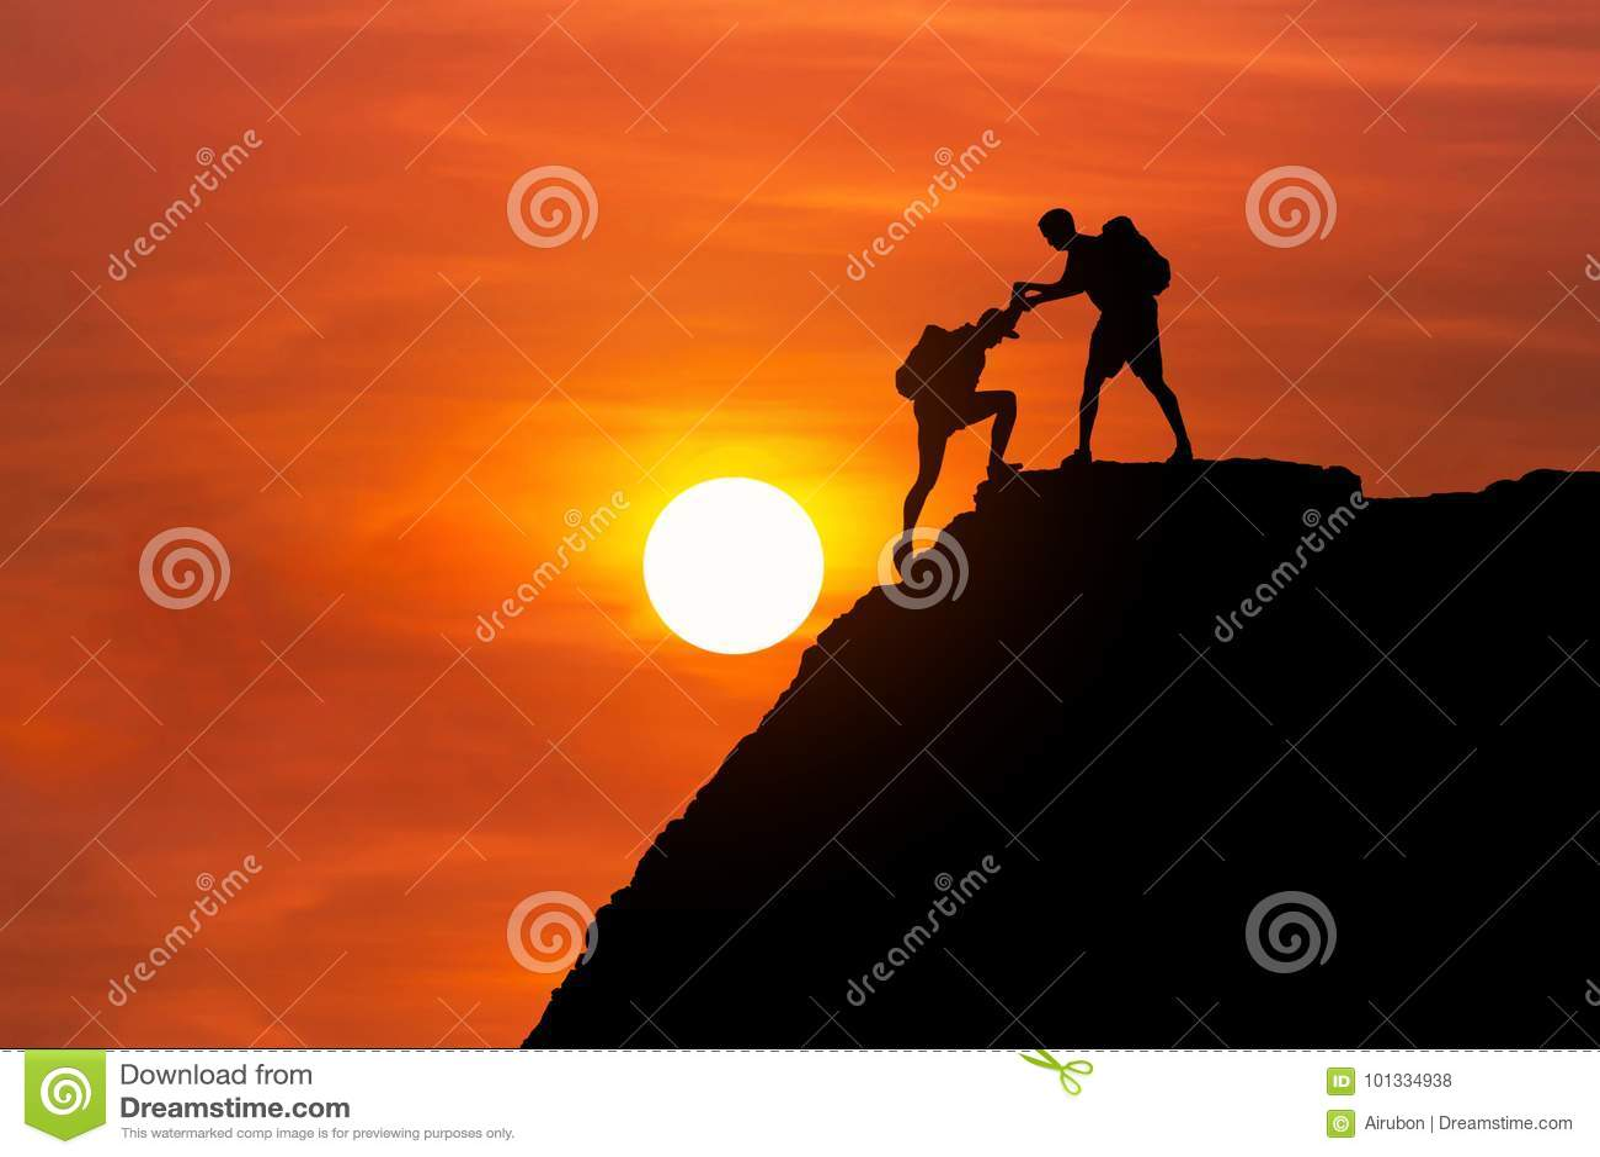 Ο ορεσίβιος σκιαγραφιών δίνει στο χέρι βοηθείας το φίλο του για να αναρριχηθεί στο υψηλό βουνό απότομων βράχων από κοινού